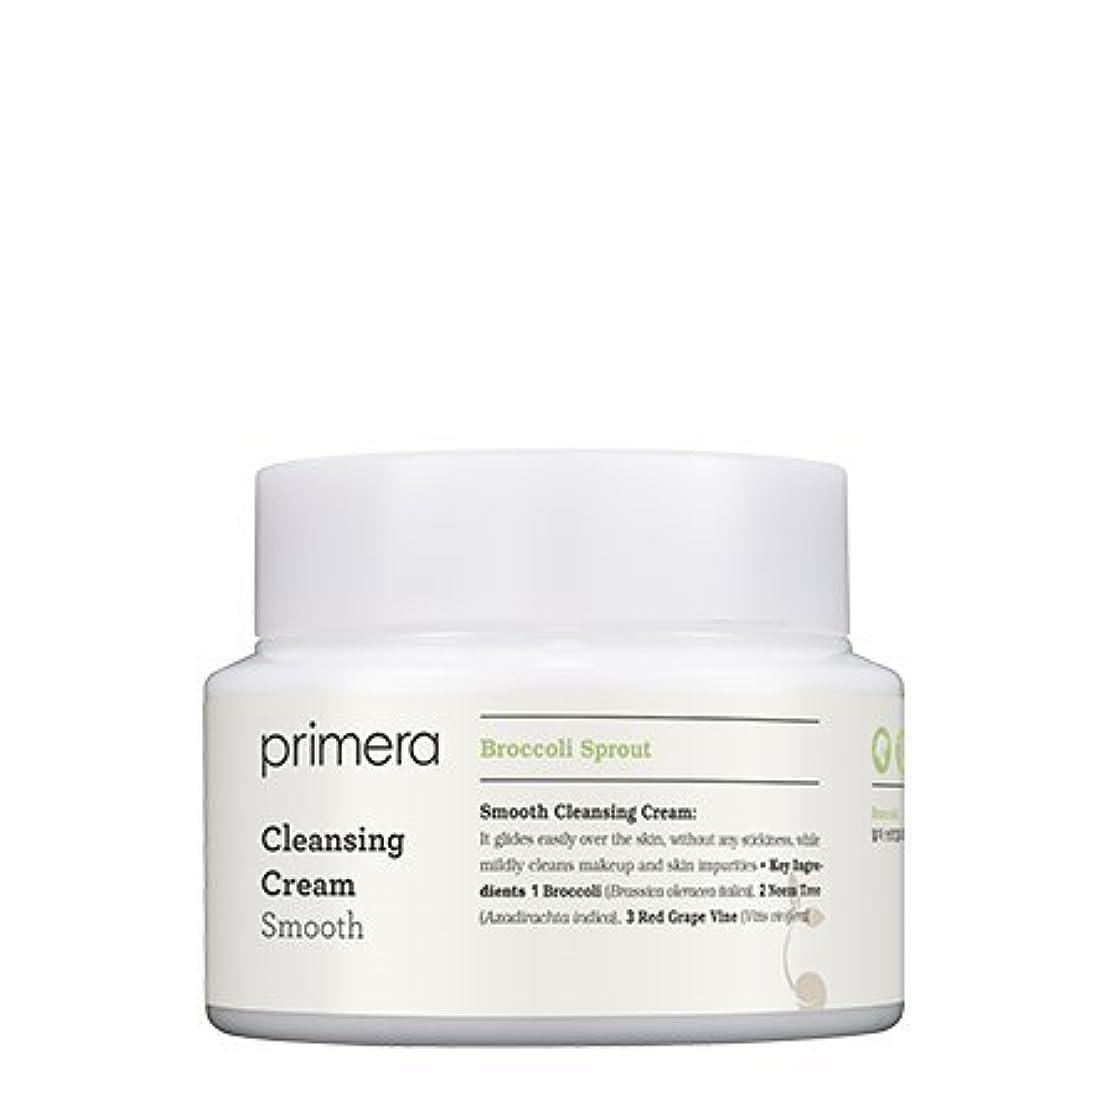 コイン仲良し殺します【Primera】Smooth Cleansing Cream - 250g (韓国直送品) (SHOPPINGINSTAGRAM)